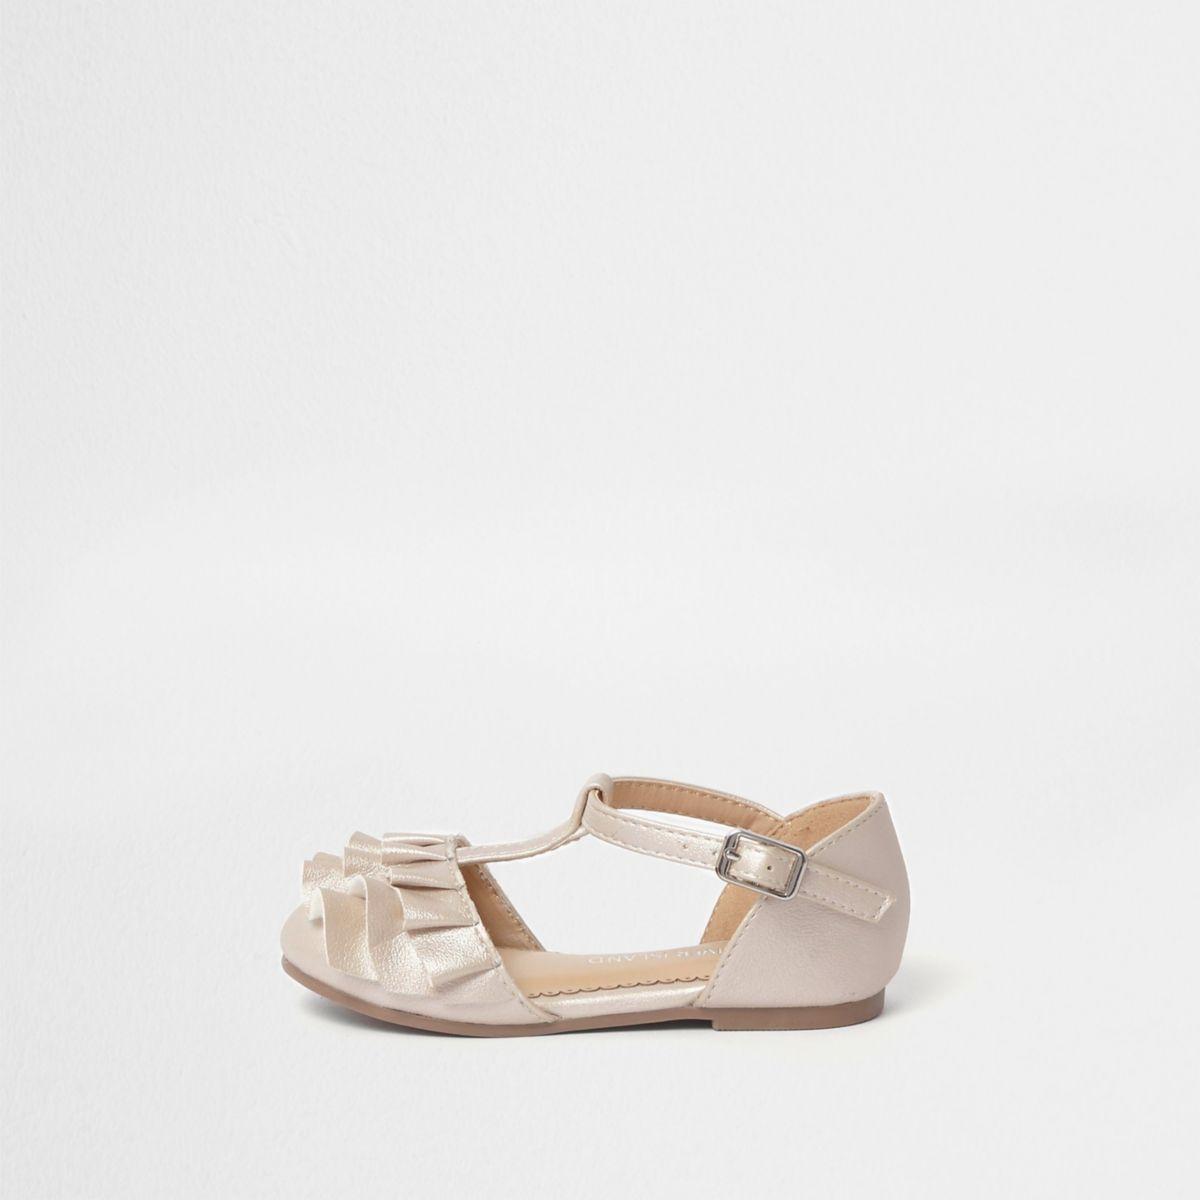 Pinke Schuhe mit T-Steg und Rüschen